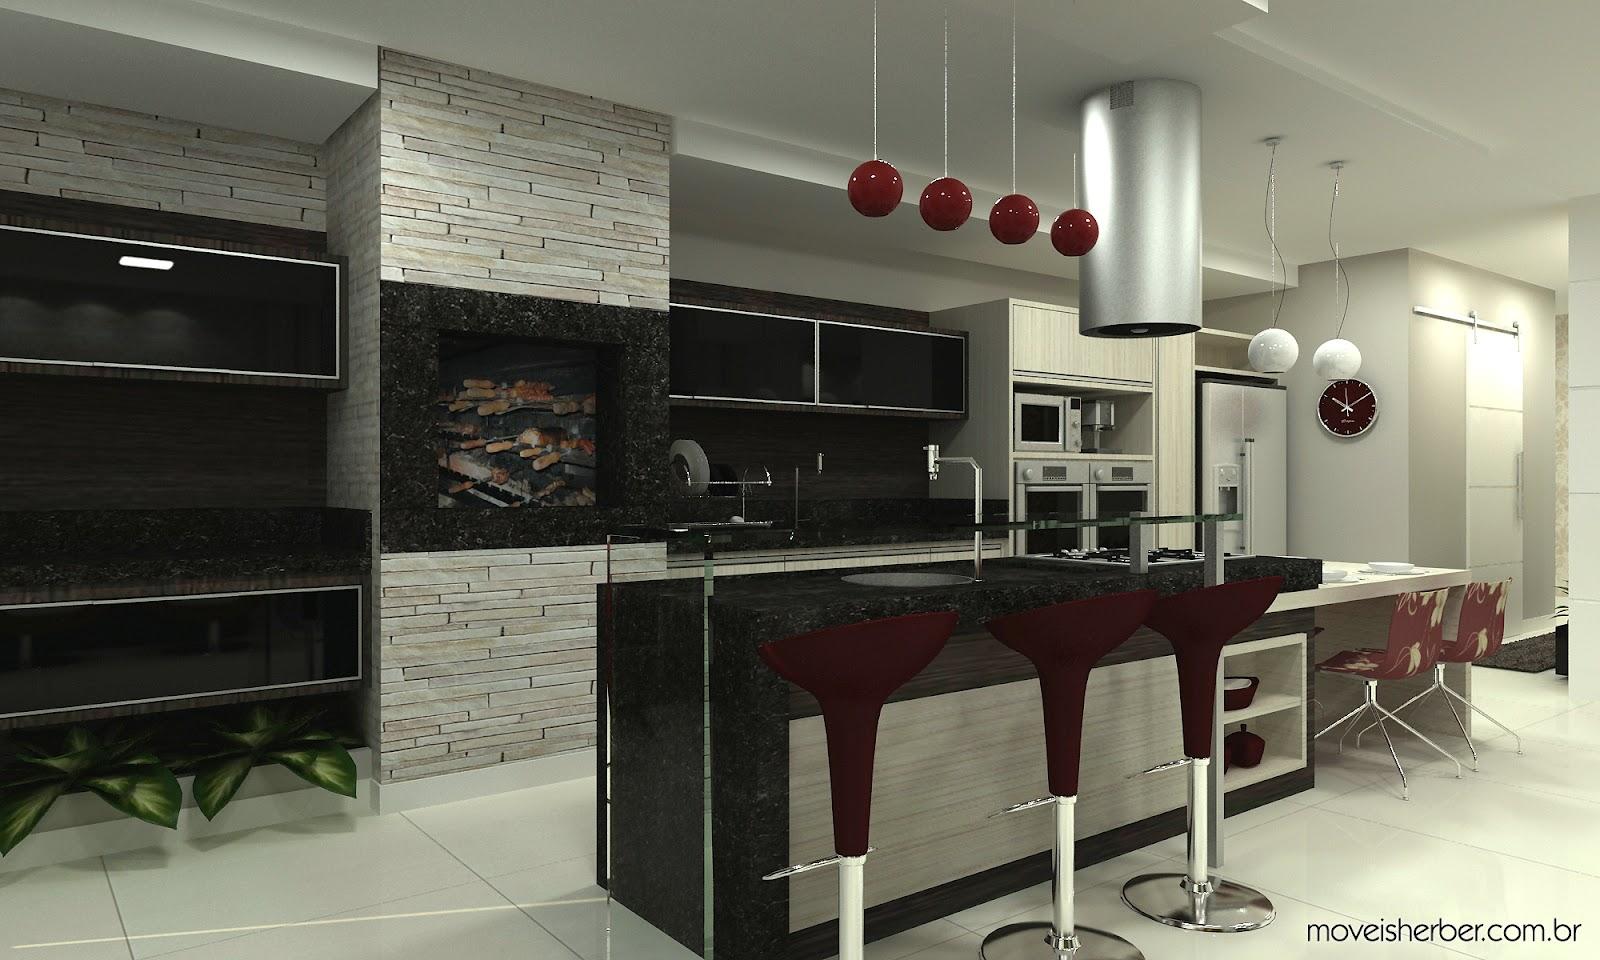 #7D814A Projeto: Cozinha Gourmet :: 1600x960 px Projeto Cozinha U #2709 imagens